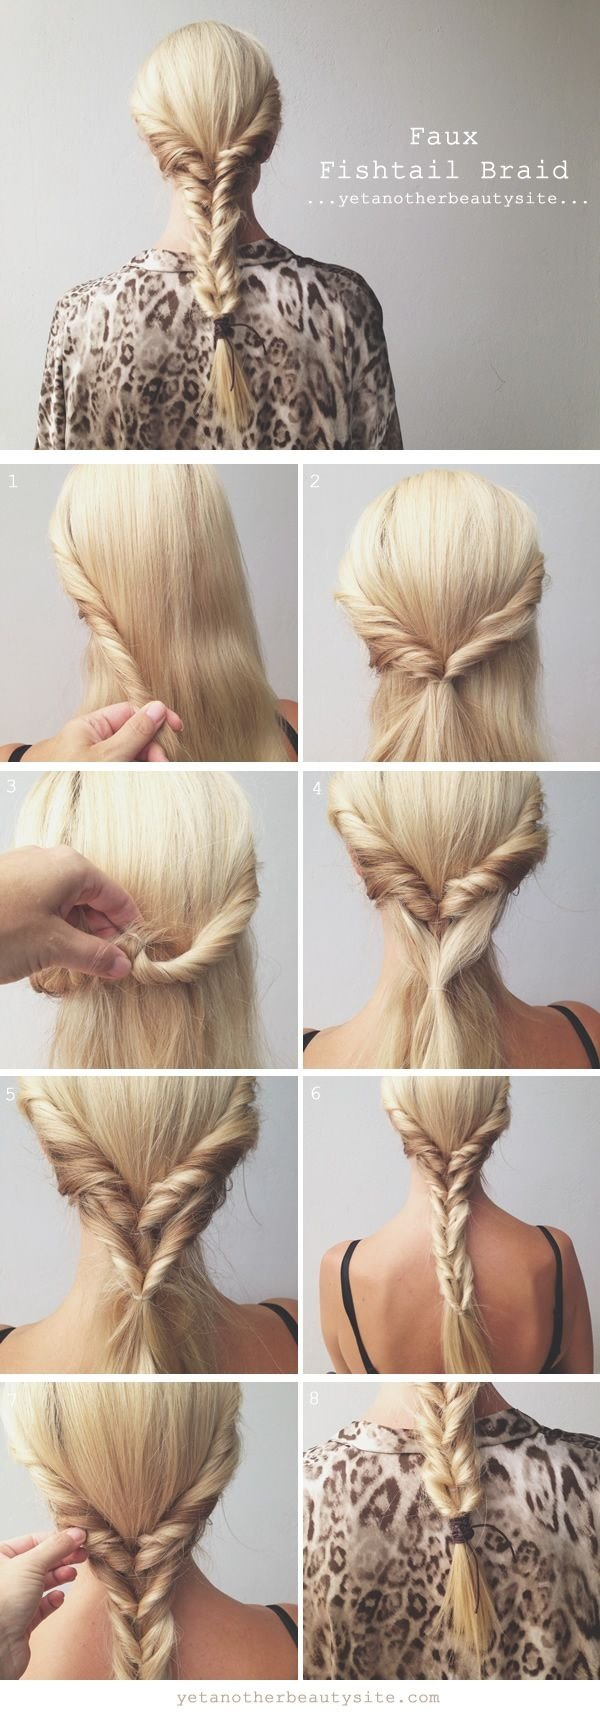 hair,hairstyle,braid,long hair,french braid,